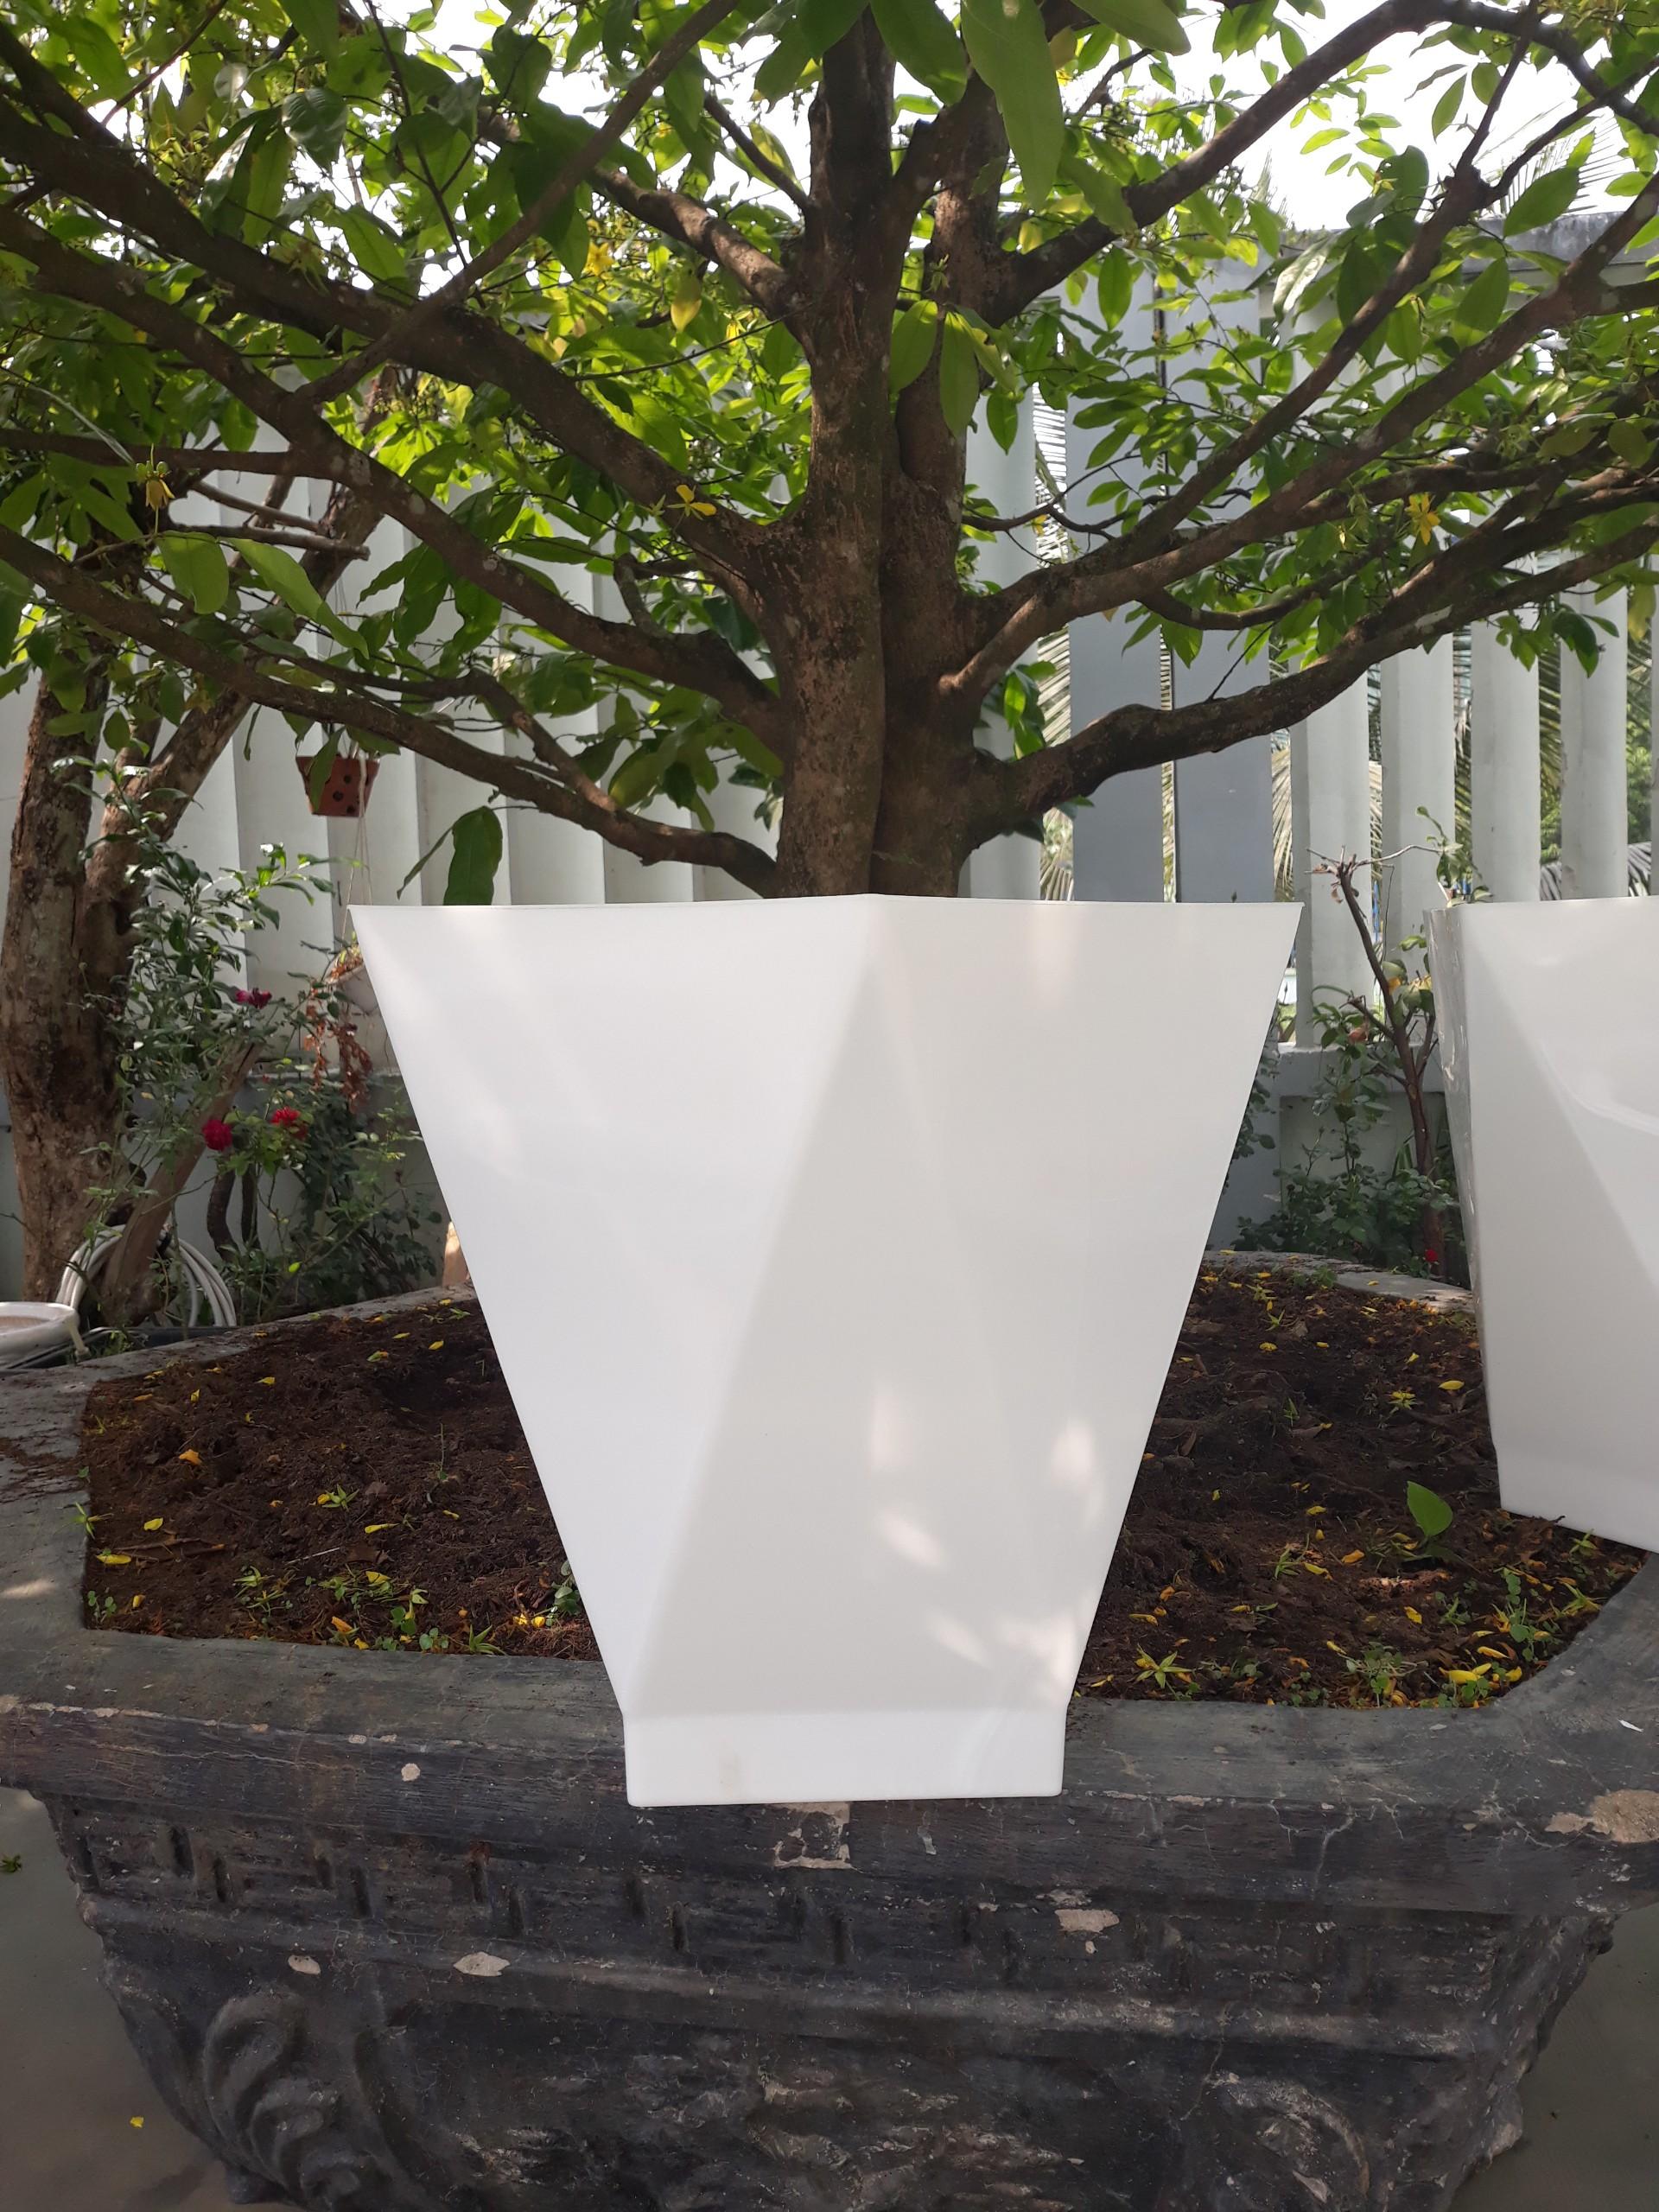 Chậu Nhựa Trồng Cây Vuông Vát Cạnh Để Bàn Giả Sứ Cao Cấp (21x12.5x19.5cm) Thiết Kế Tinh Xảo, Bền Đẹp Thích Hợp Trồng Cây Cảnh, Cây Ăn Quả, Chất Liệu Nhựa ABS Cao Cấp - Hàng VNXK Châu Âu